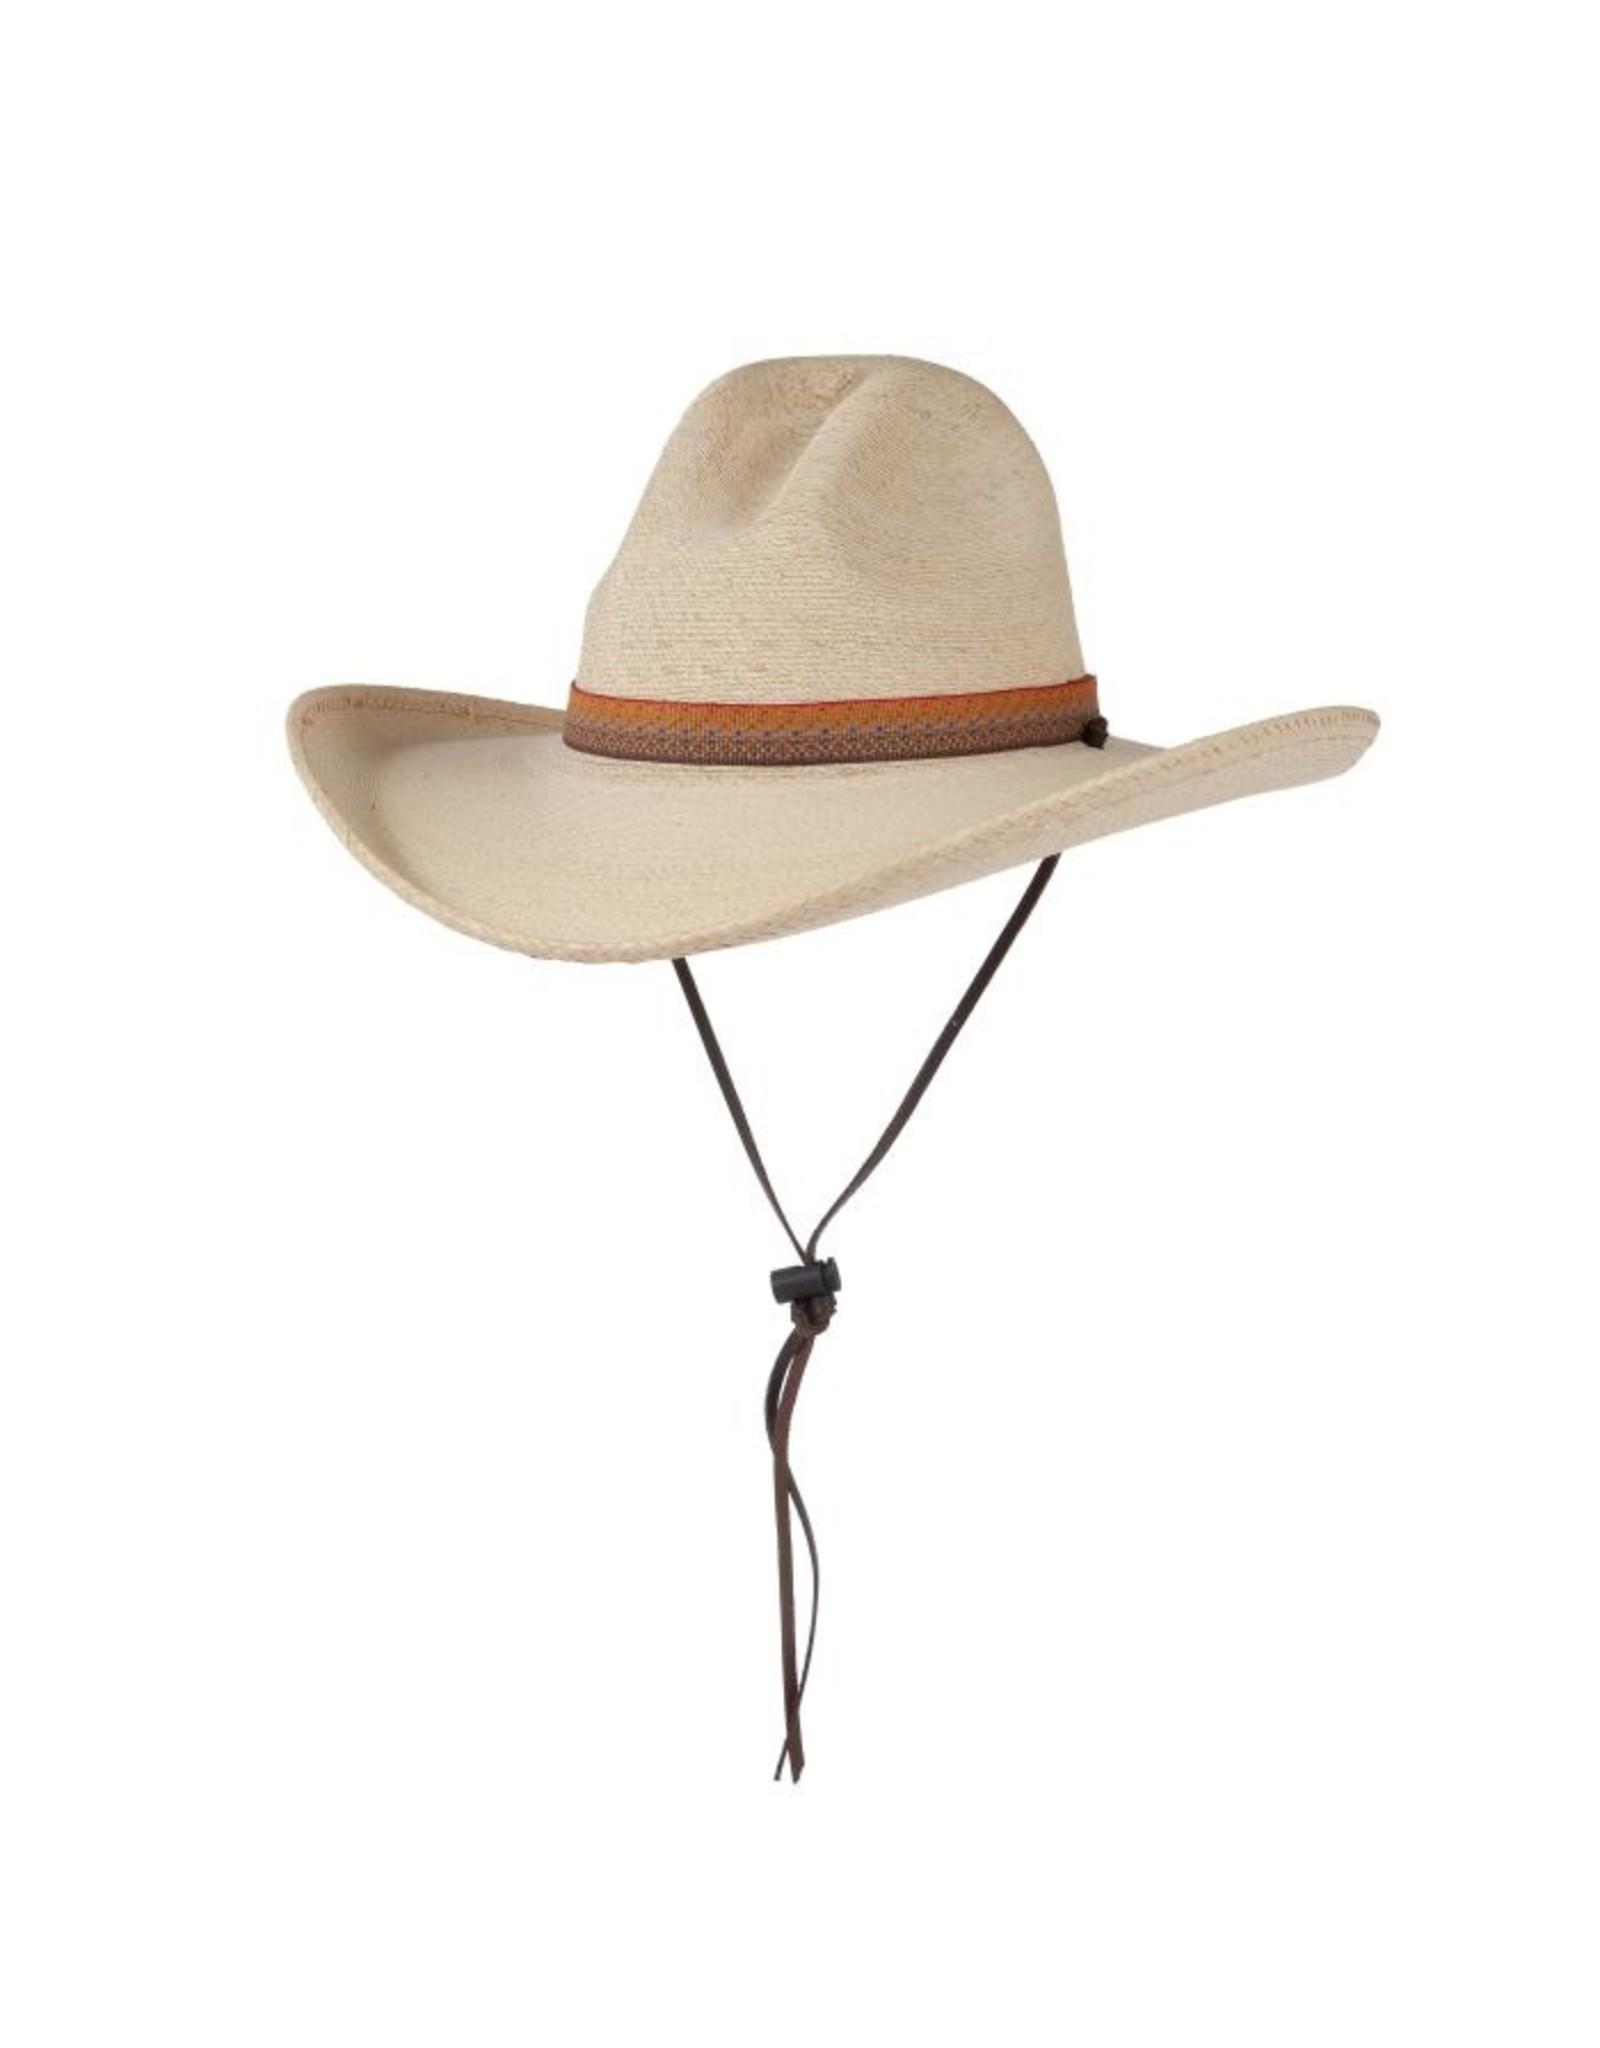 Fishpond Fishpond - Eddy River Hat